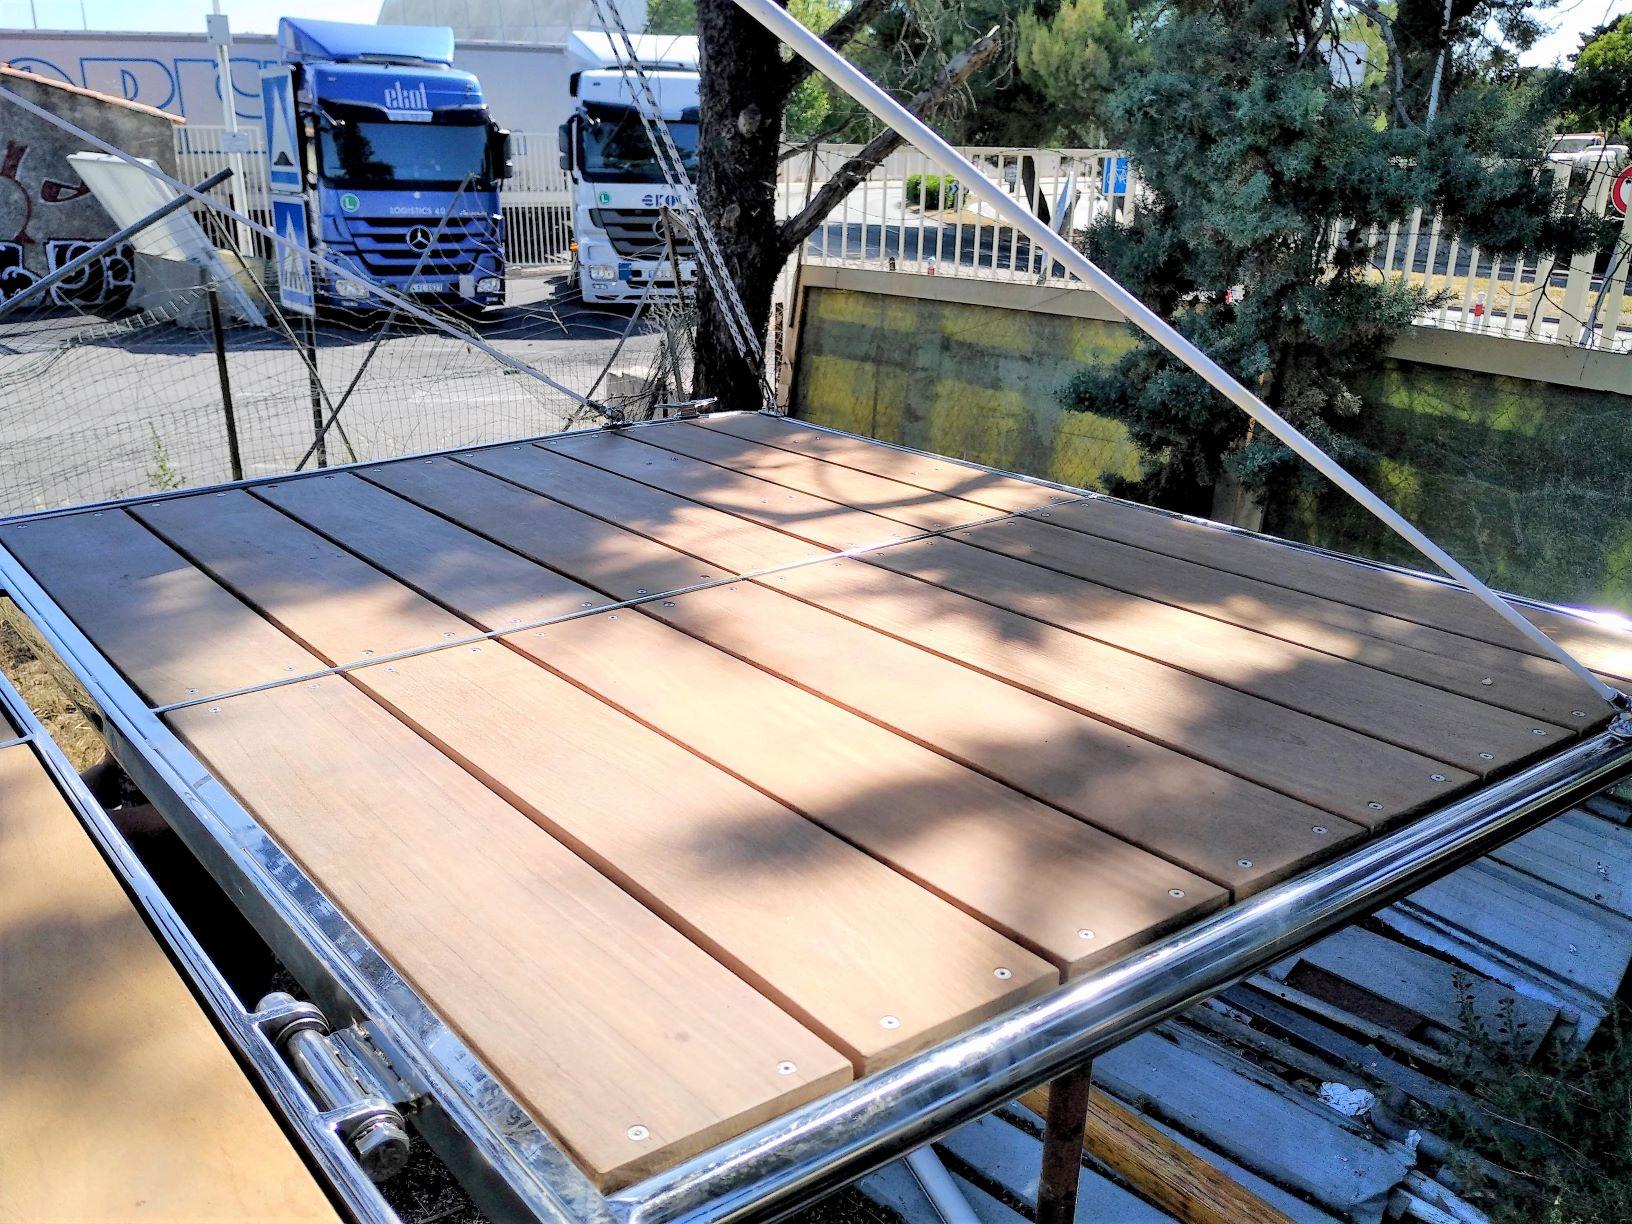 Inox-N'go-ferronnier-Marseille-plateforme-voilier-03R